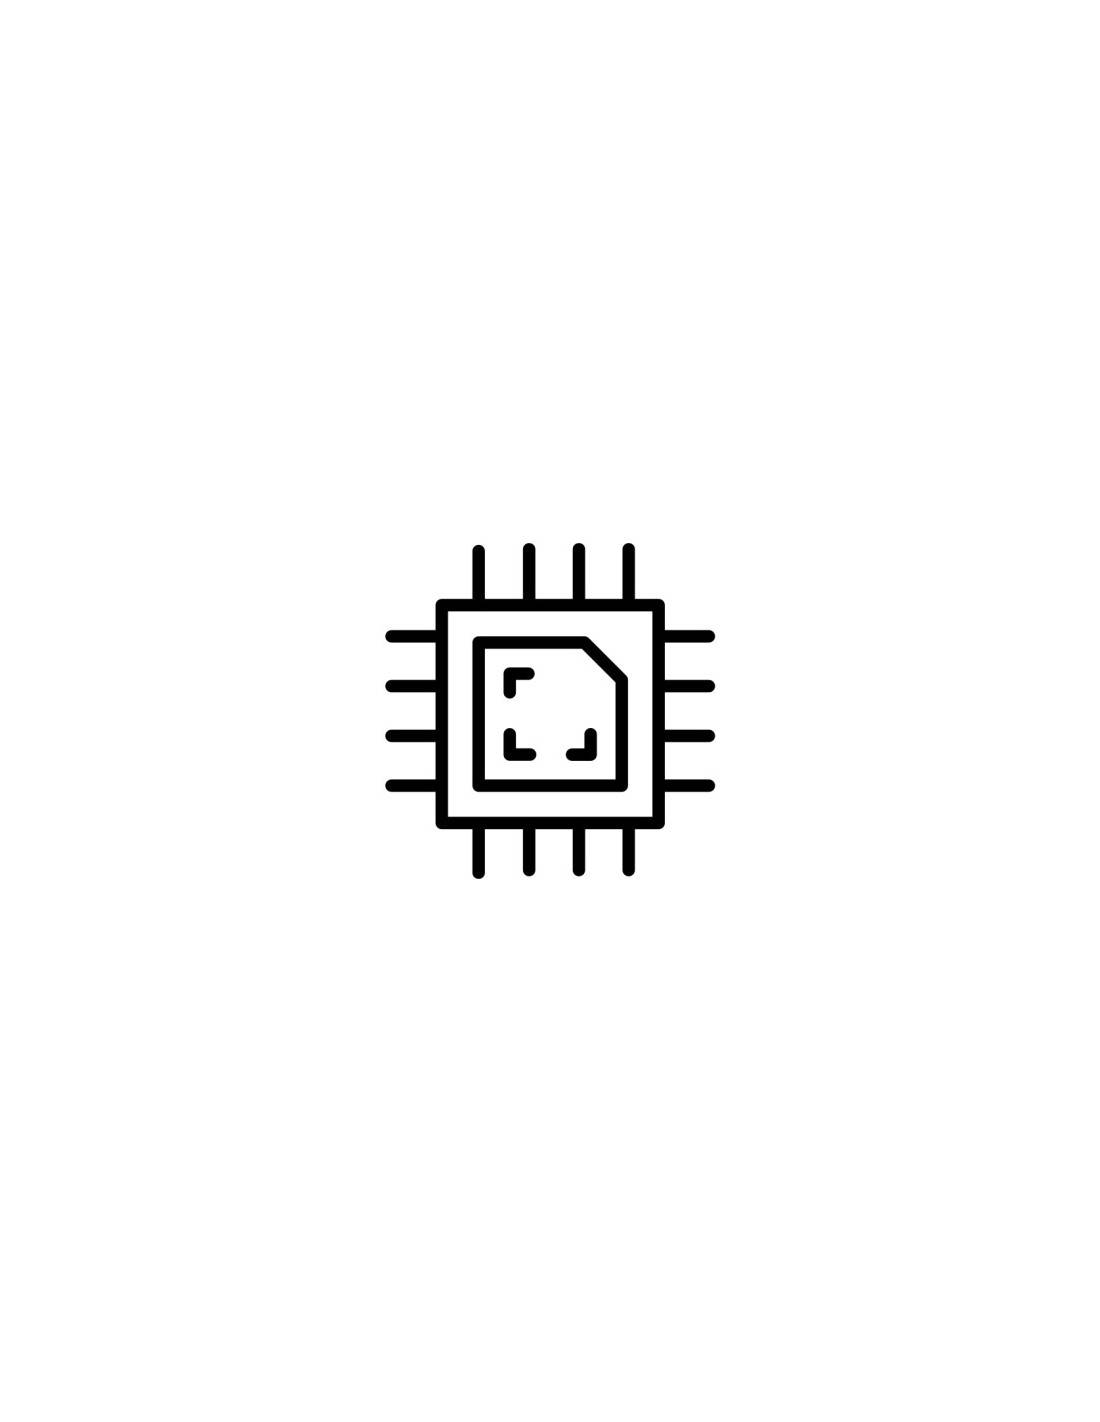 Επισκευή BIOS μητρικής